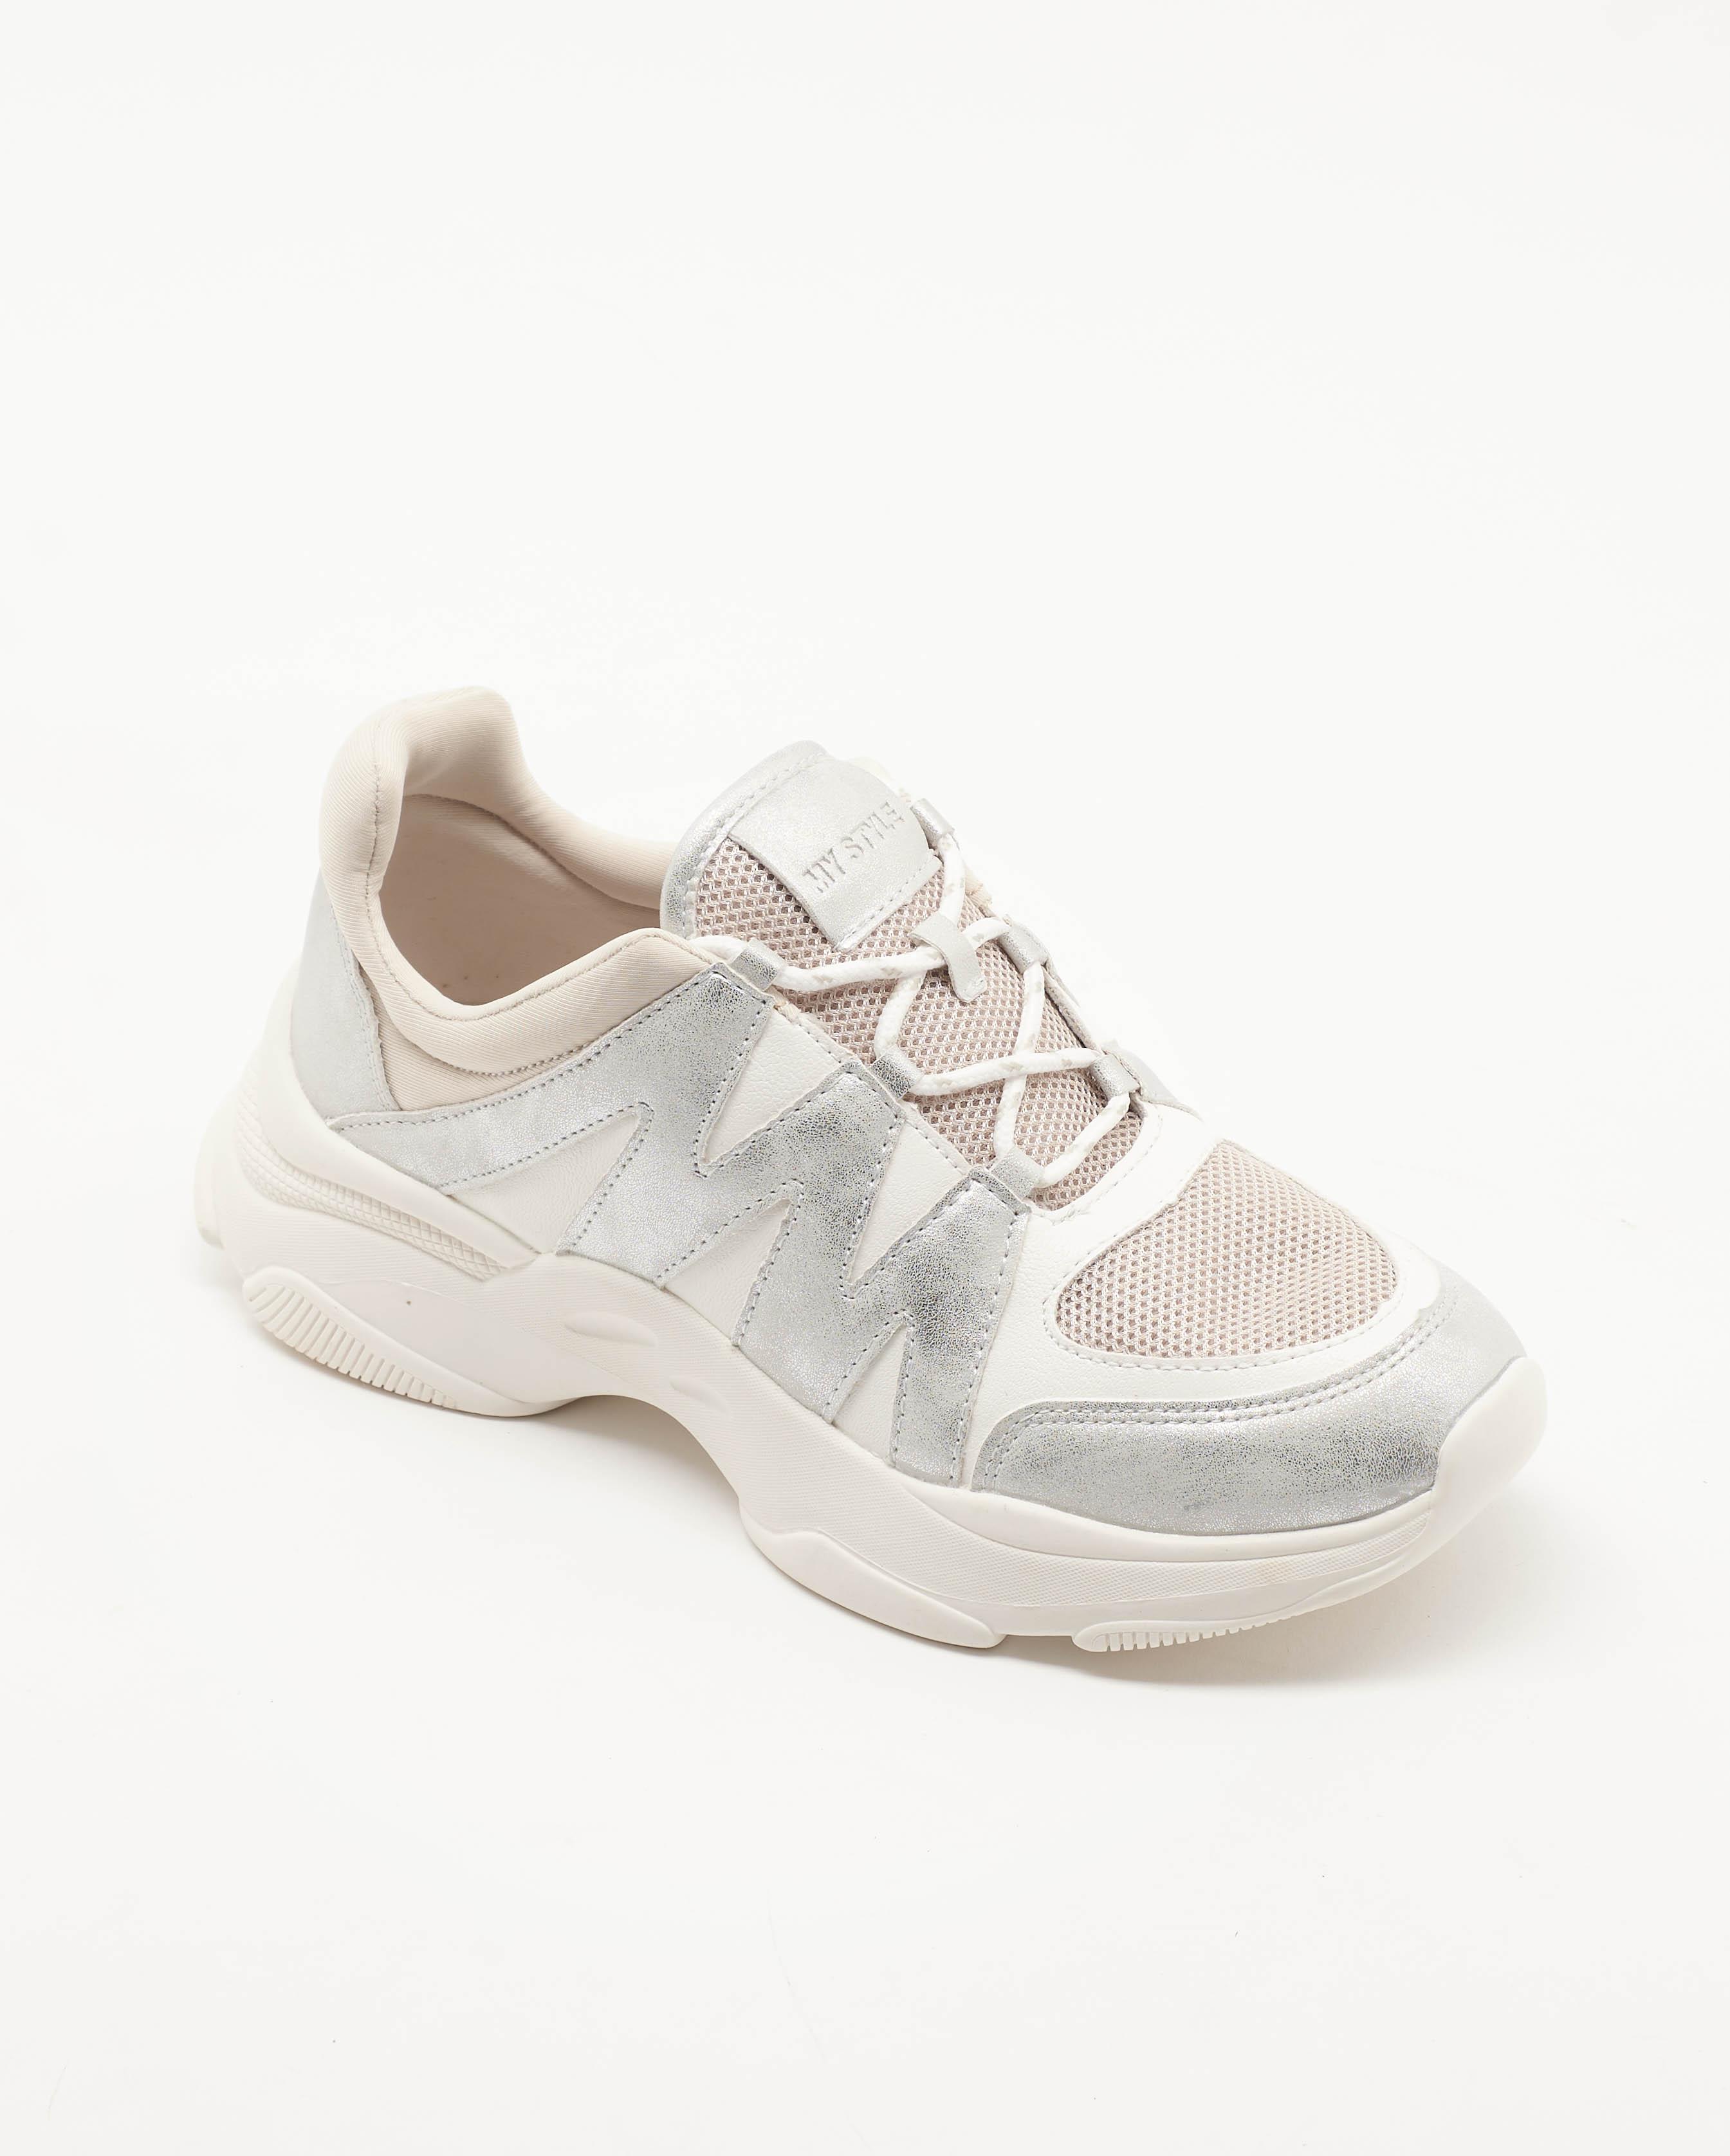 Baskets Femme - Basket Blanc Jina - 499531